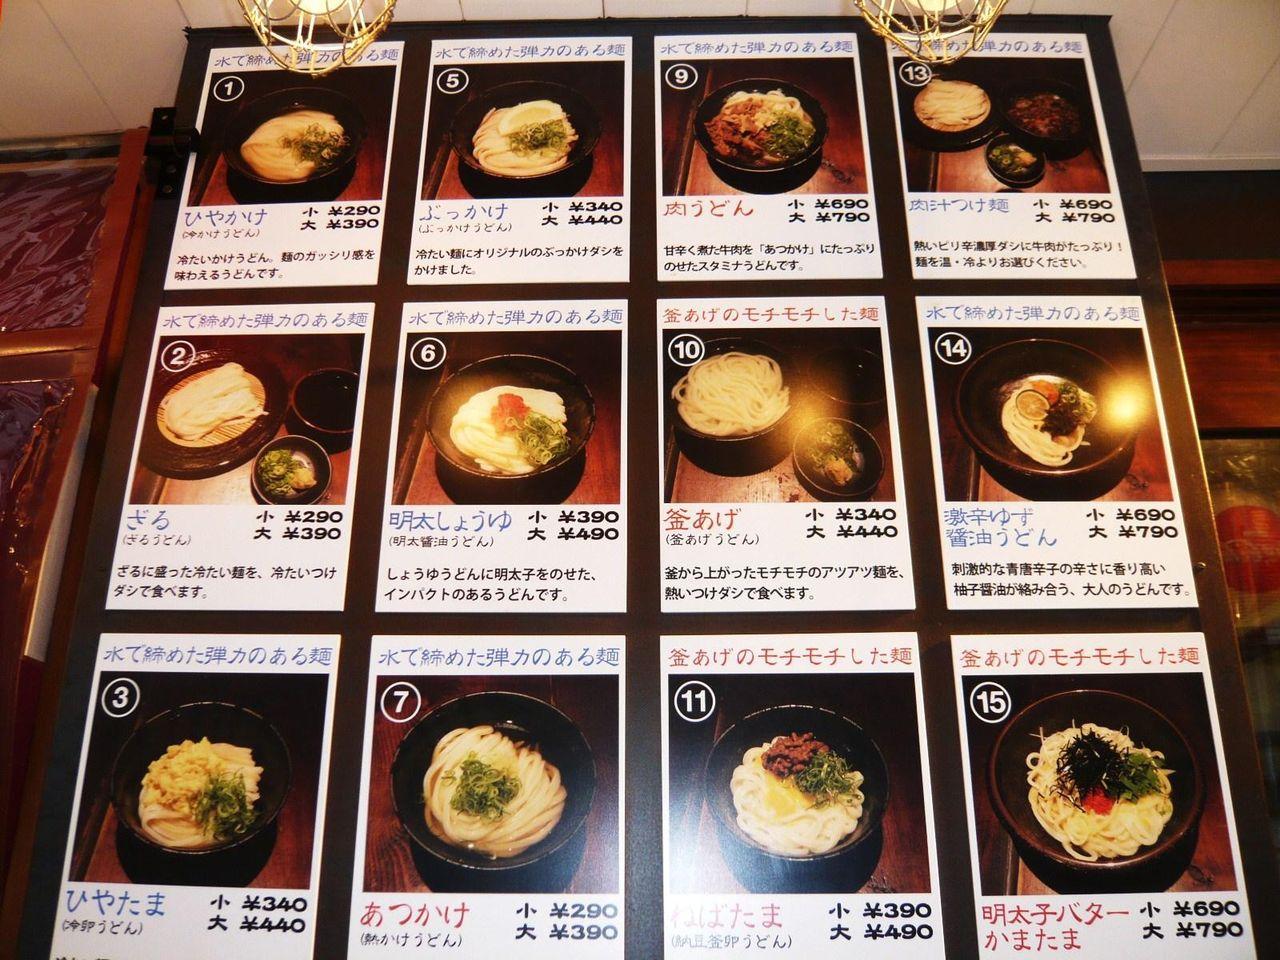 赤坂麺通団のメニュー(23年2月現在)